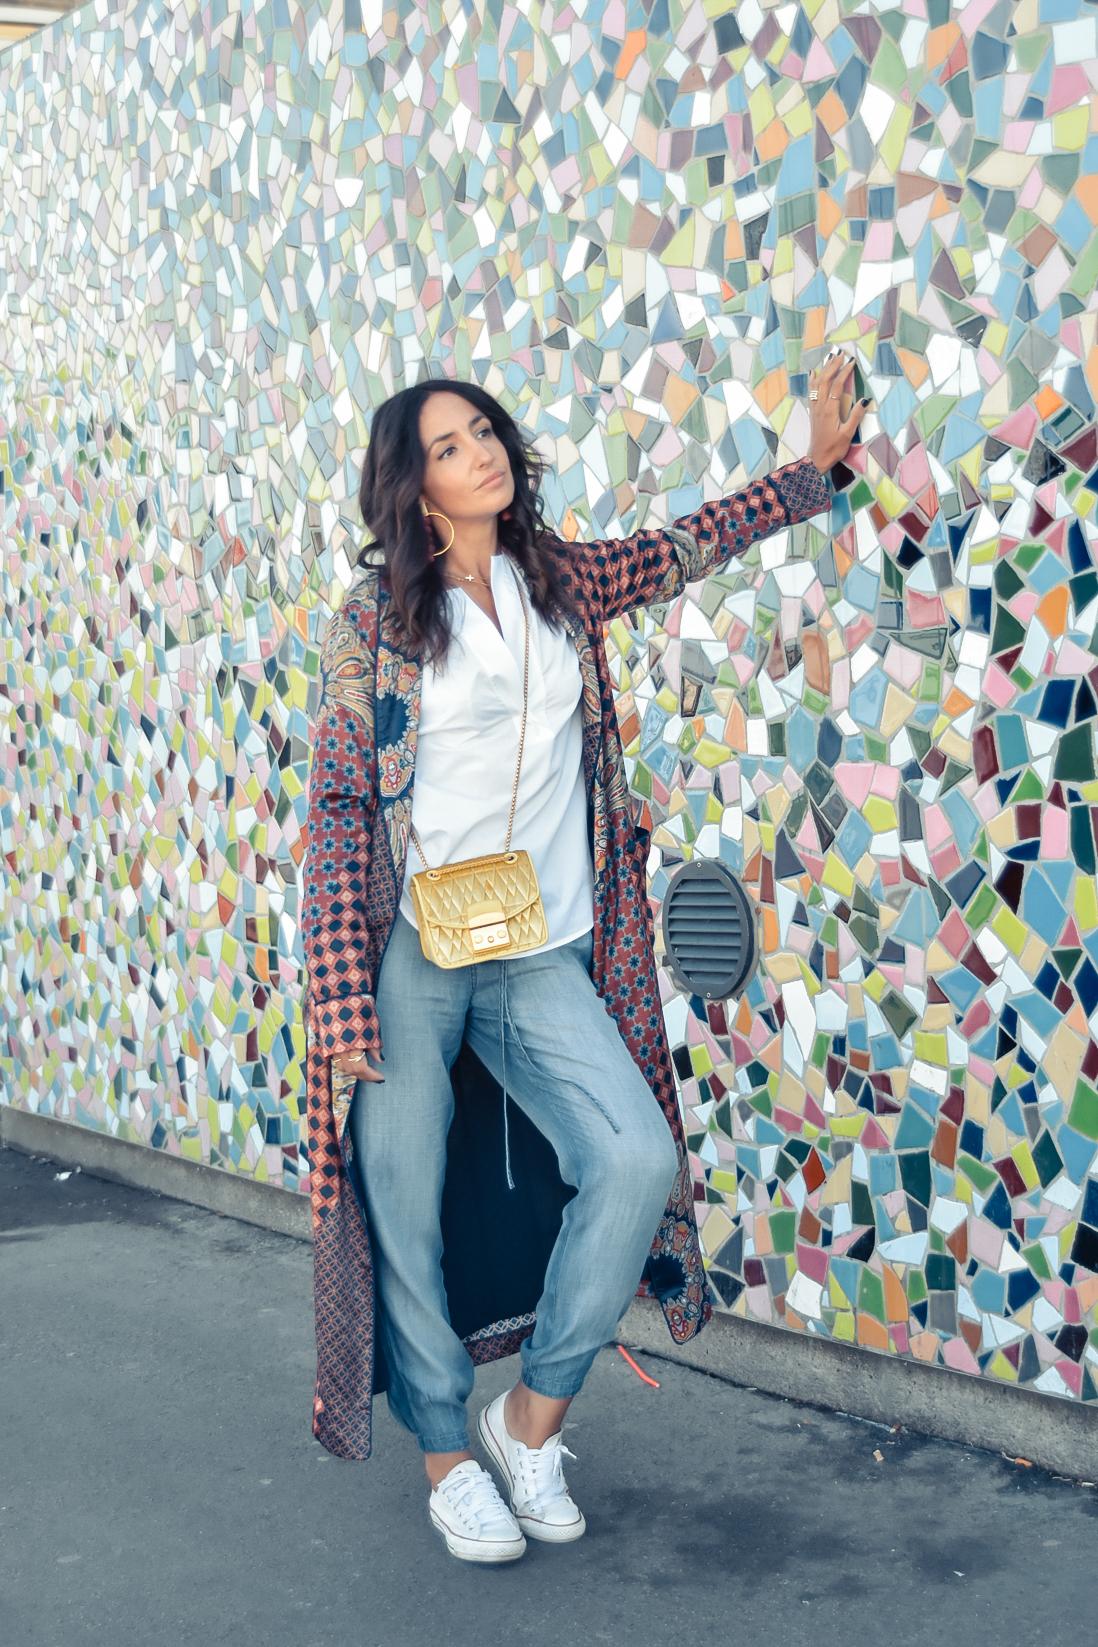 el-blog-de-silvia-viajar-dusseldorf-kimono-largo-estampado-jeans-levis-01